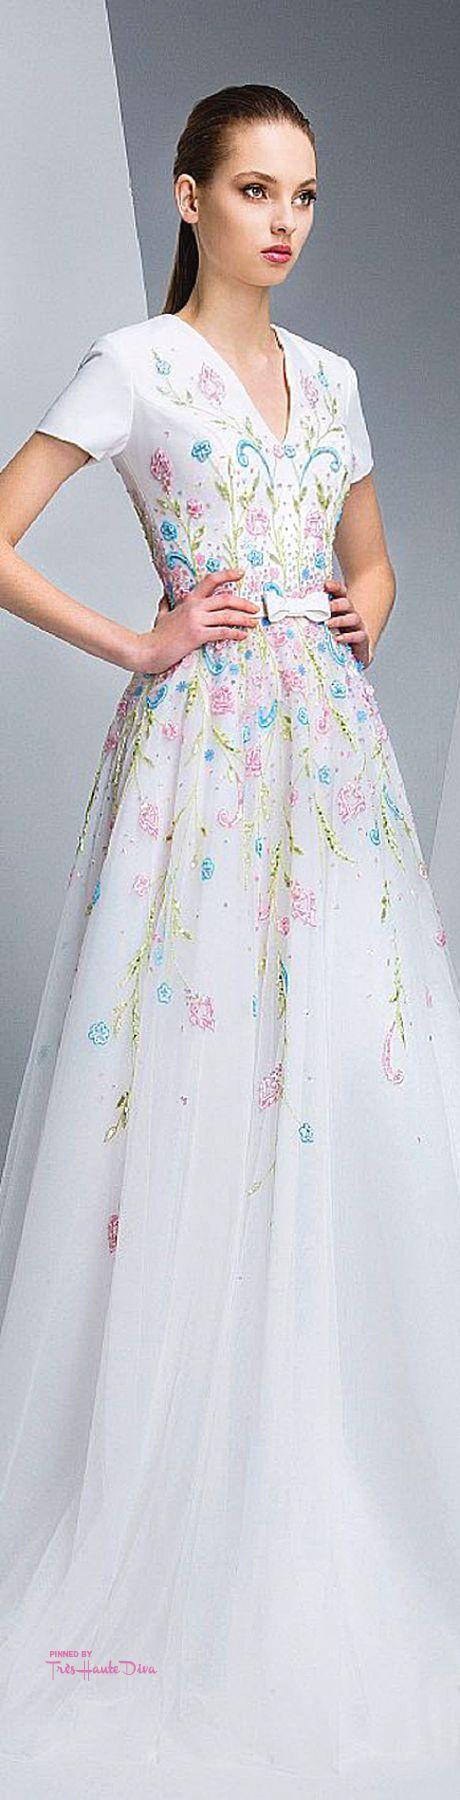 50+ abi kleid-ideen | kleider, abendkleid, kleidung